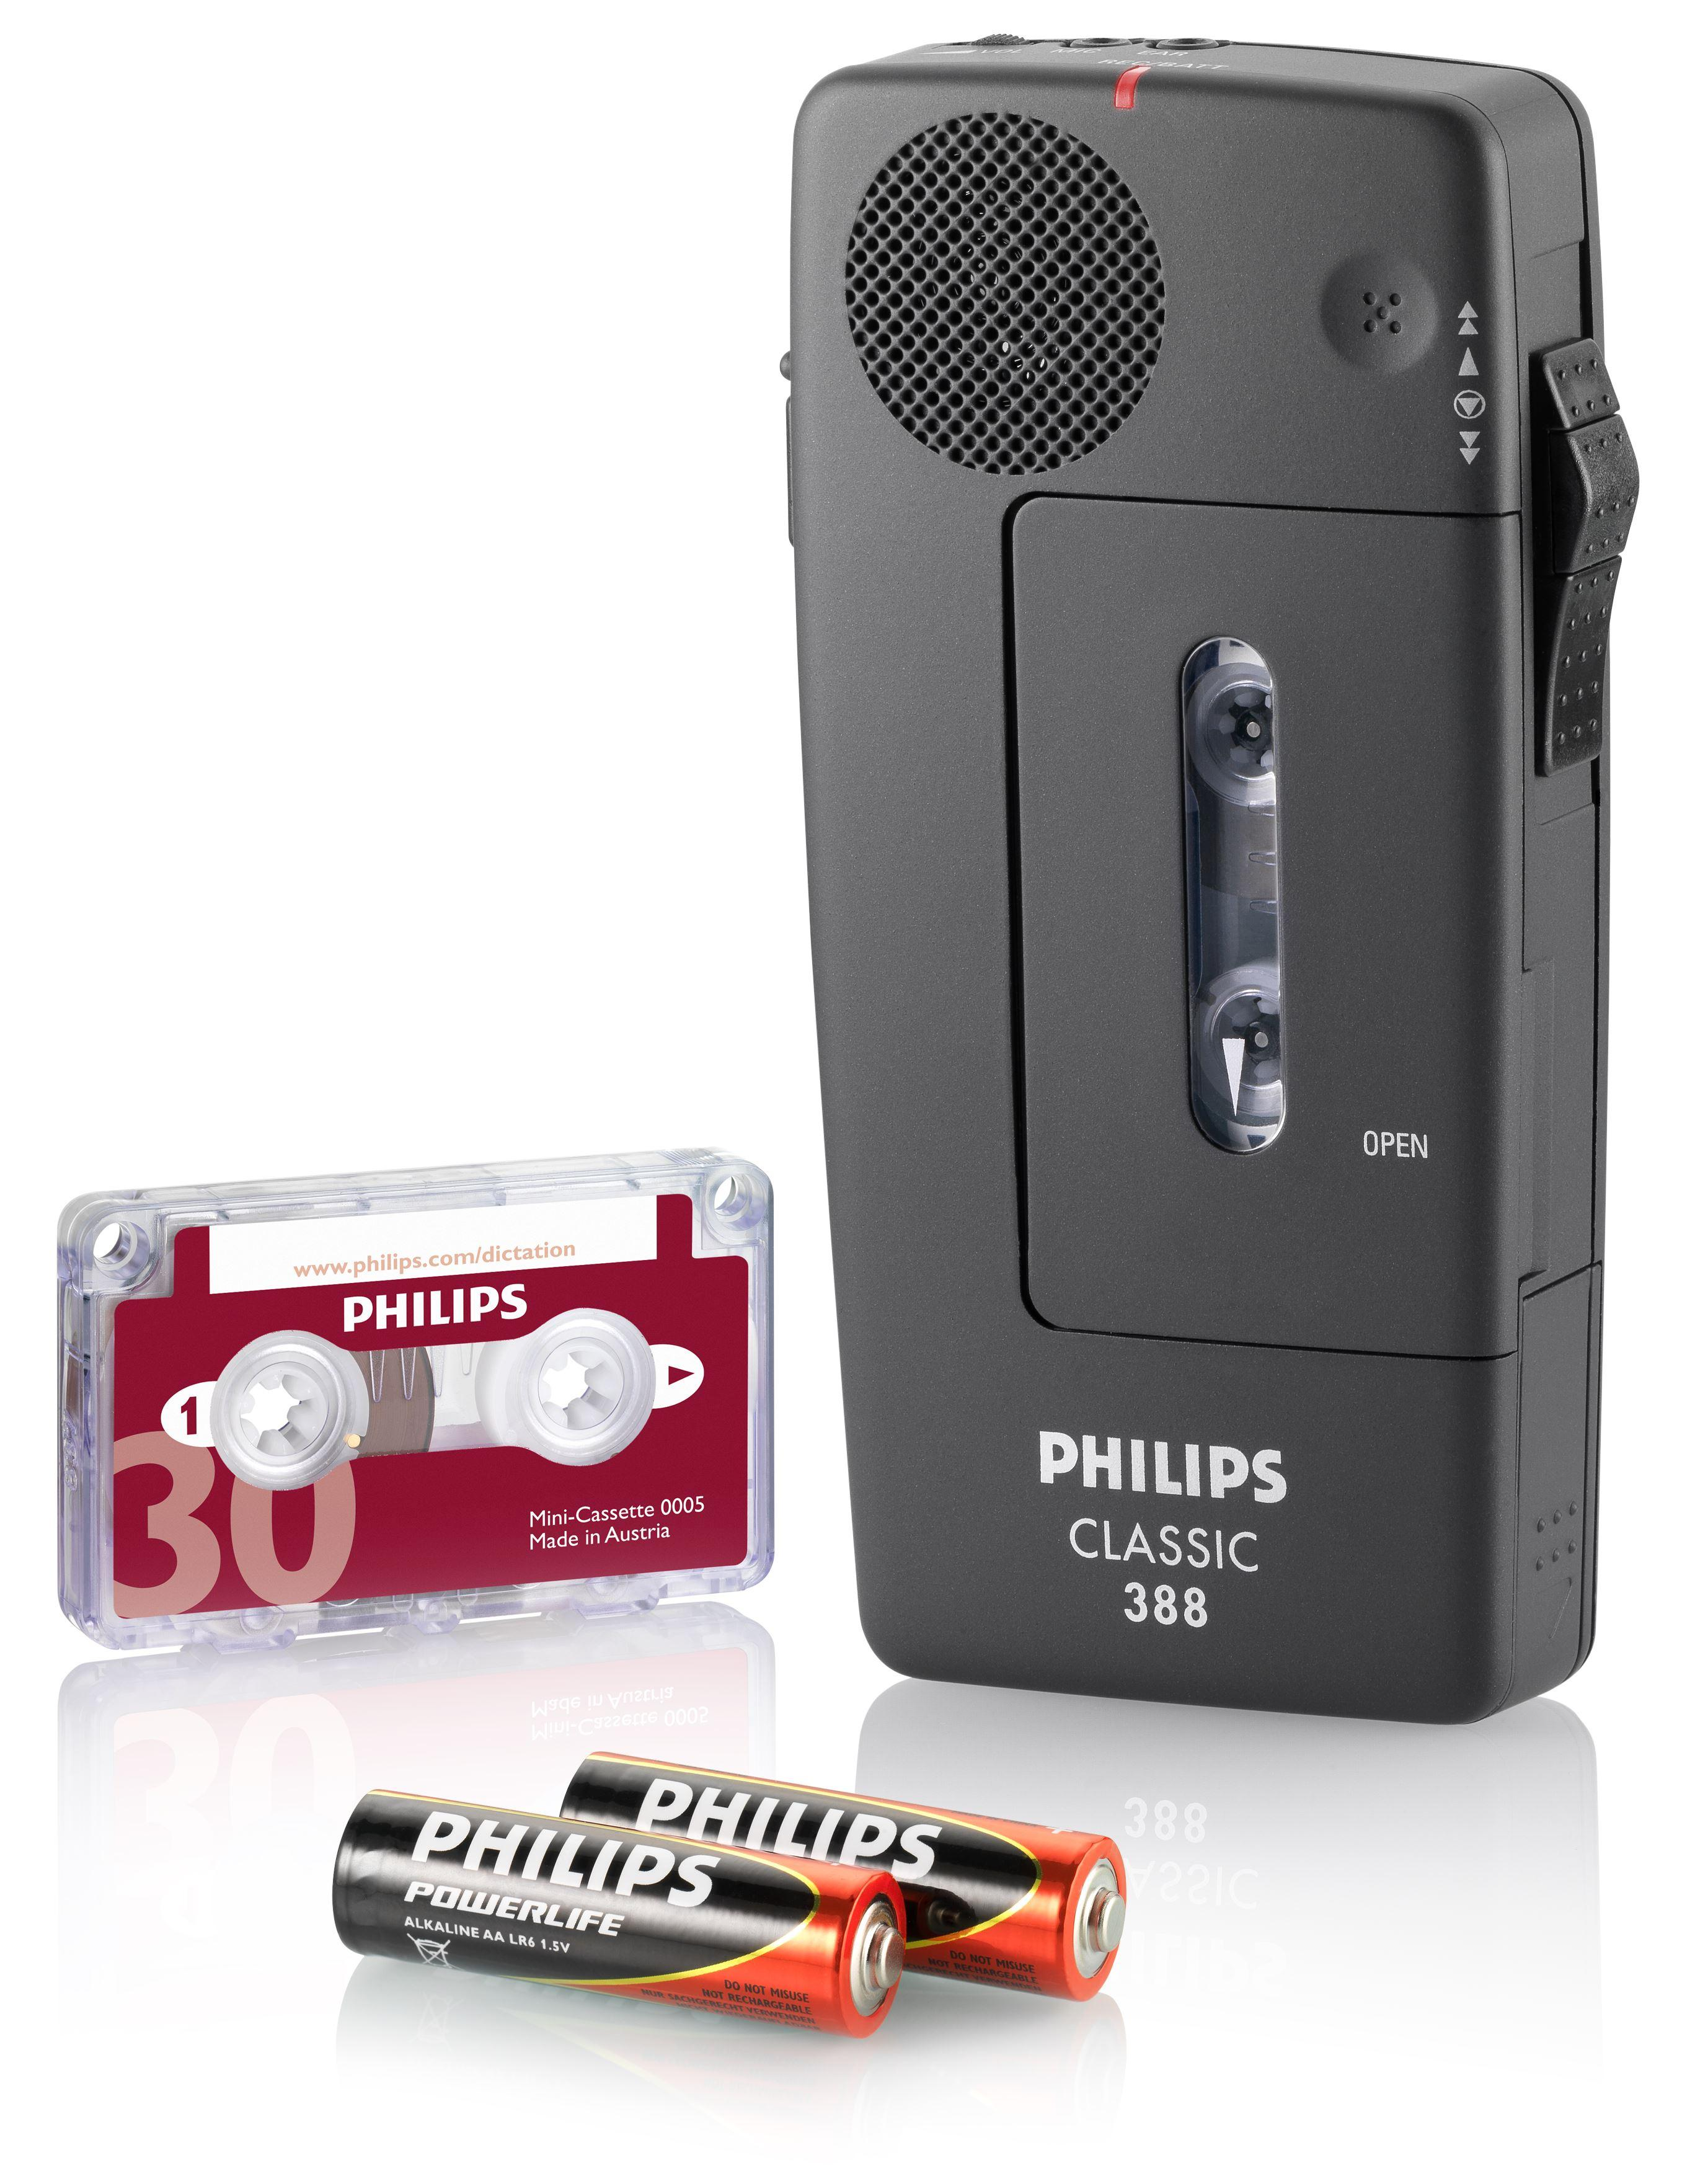 Philips Pocket Memo LFH0388 Analoges Mini-Kassetten Diktiergerät ...